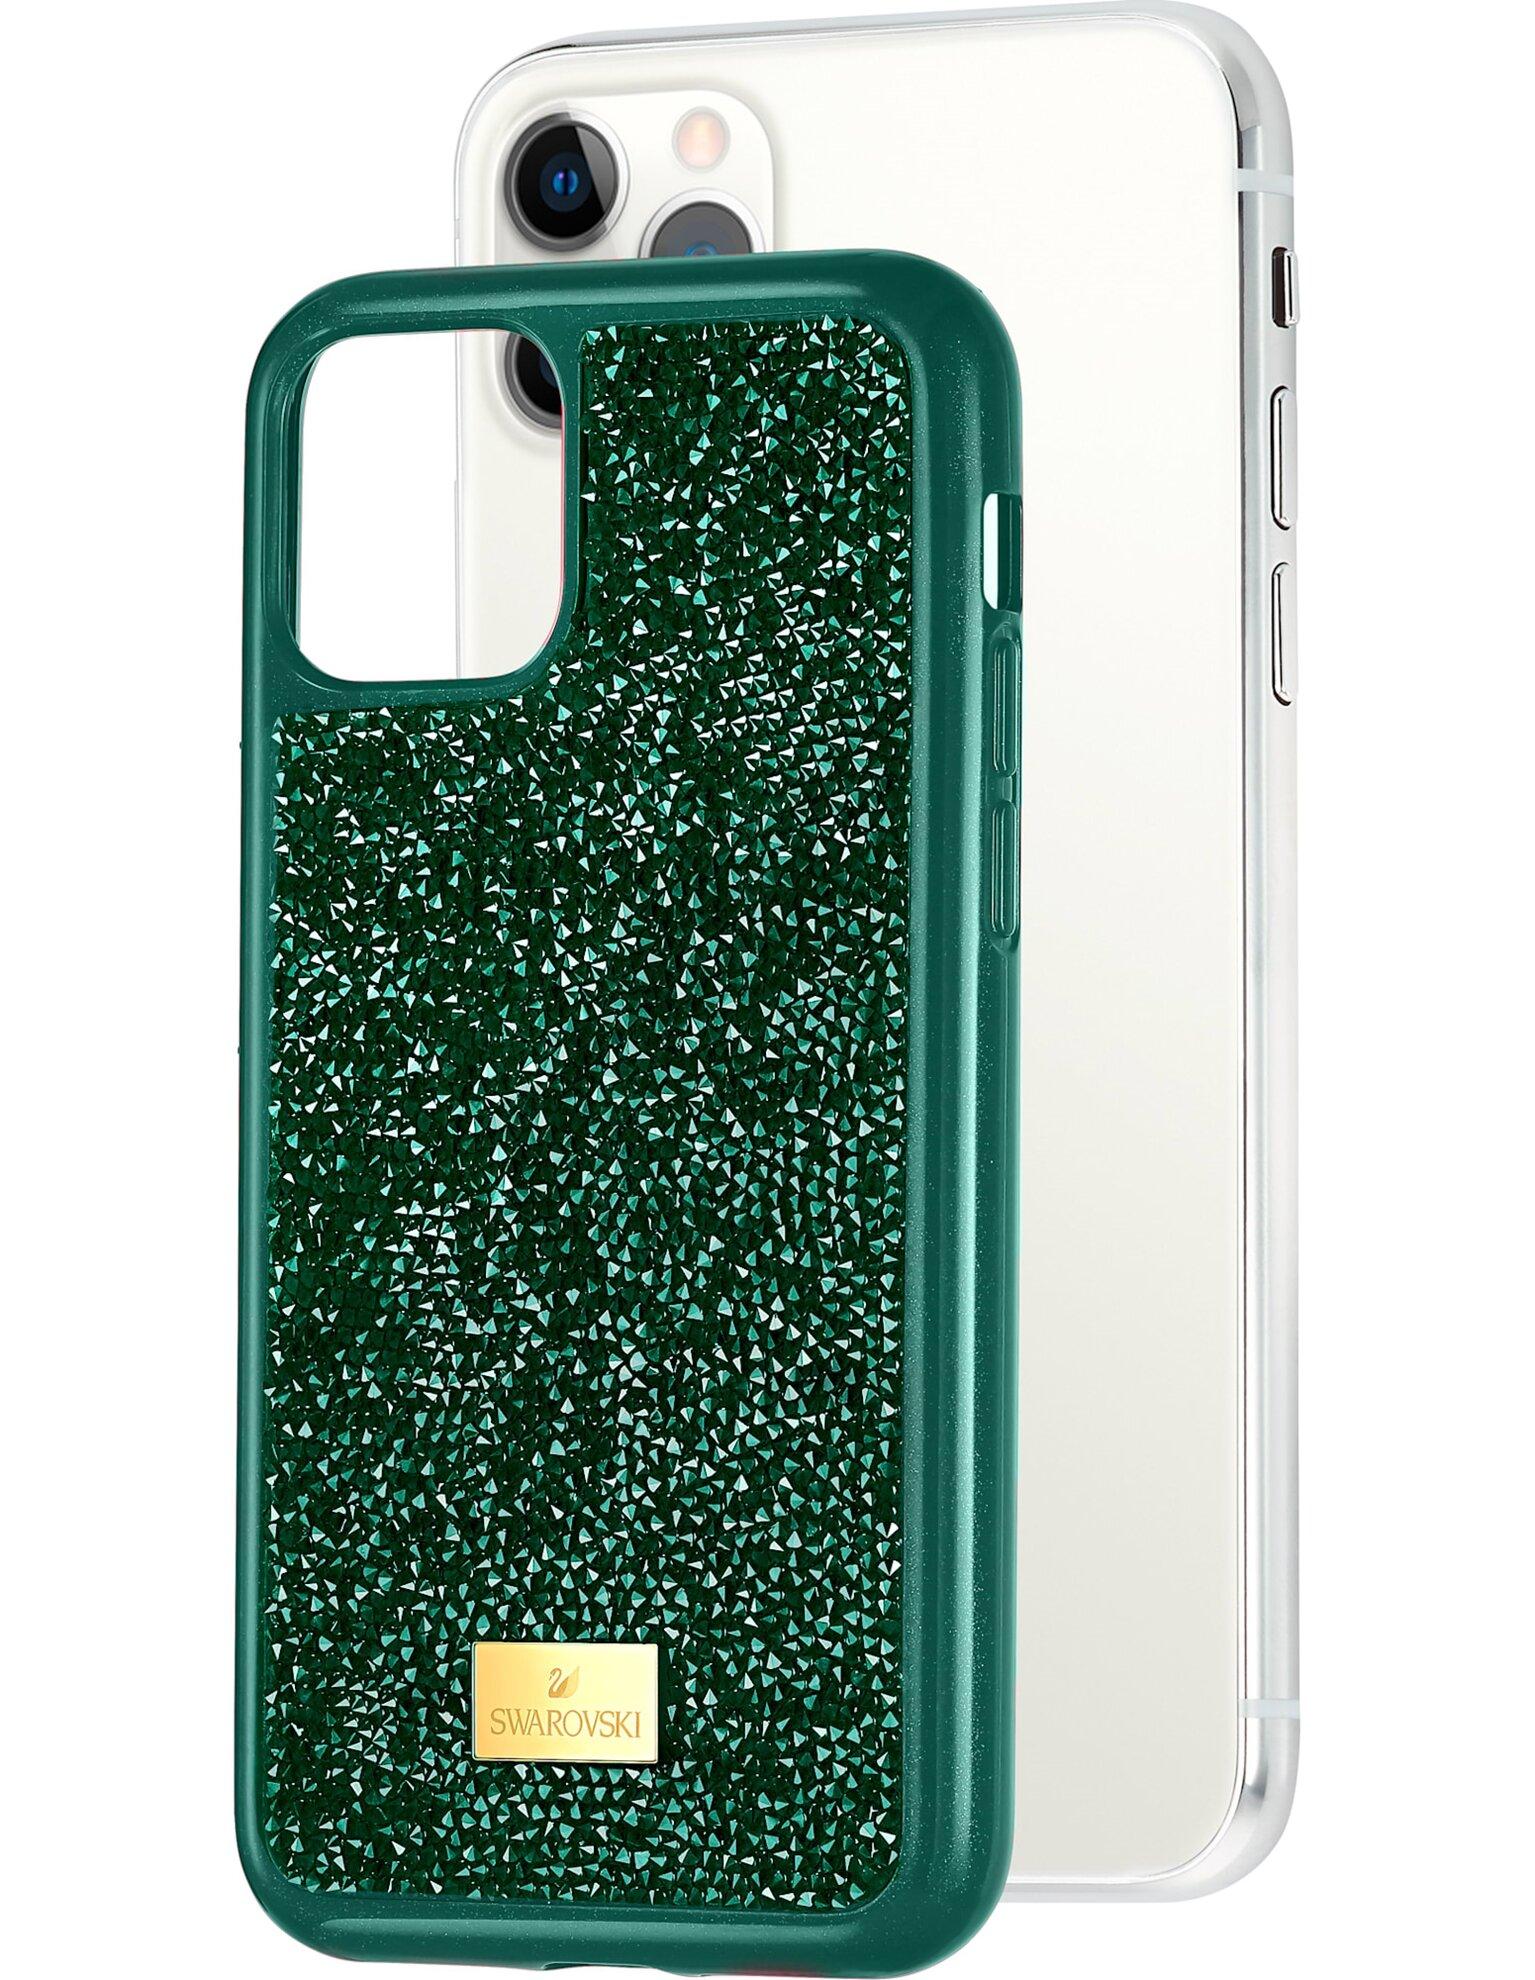 Picture of Glam Rock Koruyuculu Akıllı Telefon Kılıf, iPhone® 11 Pro Max, Yeşil